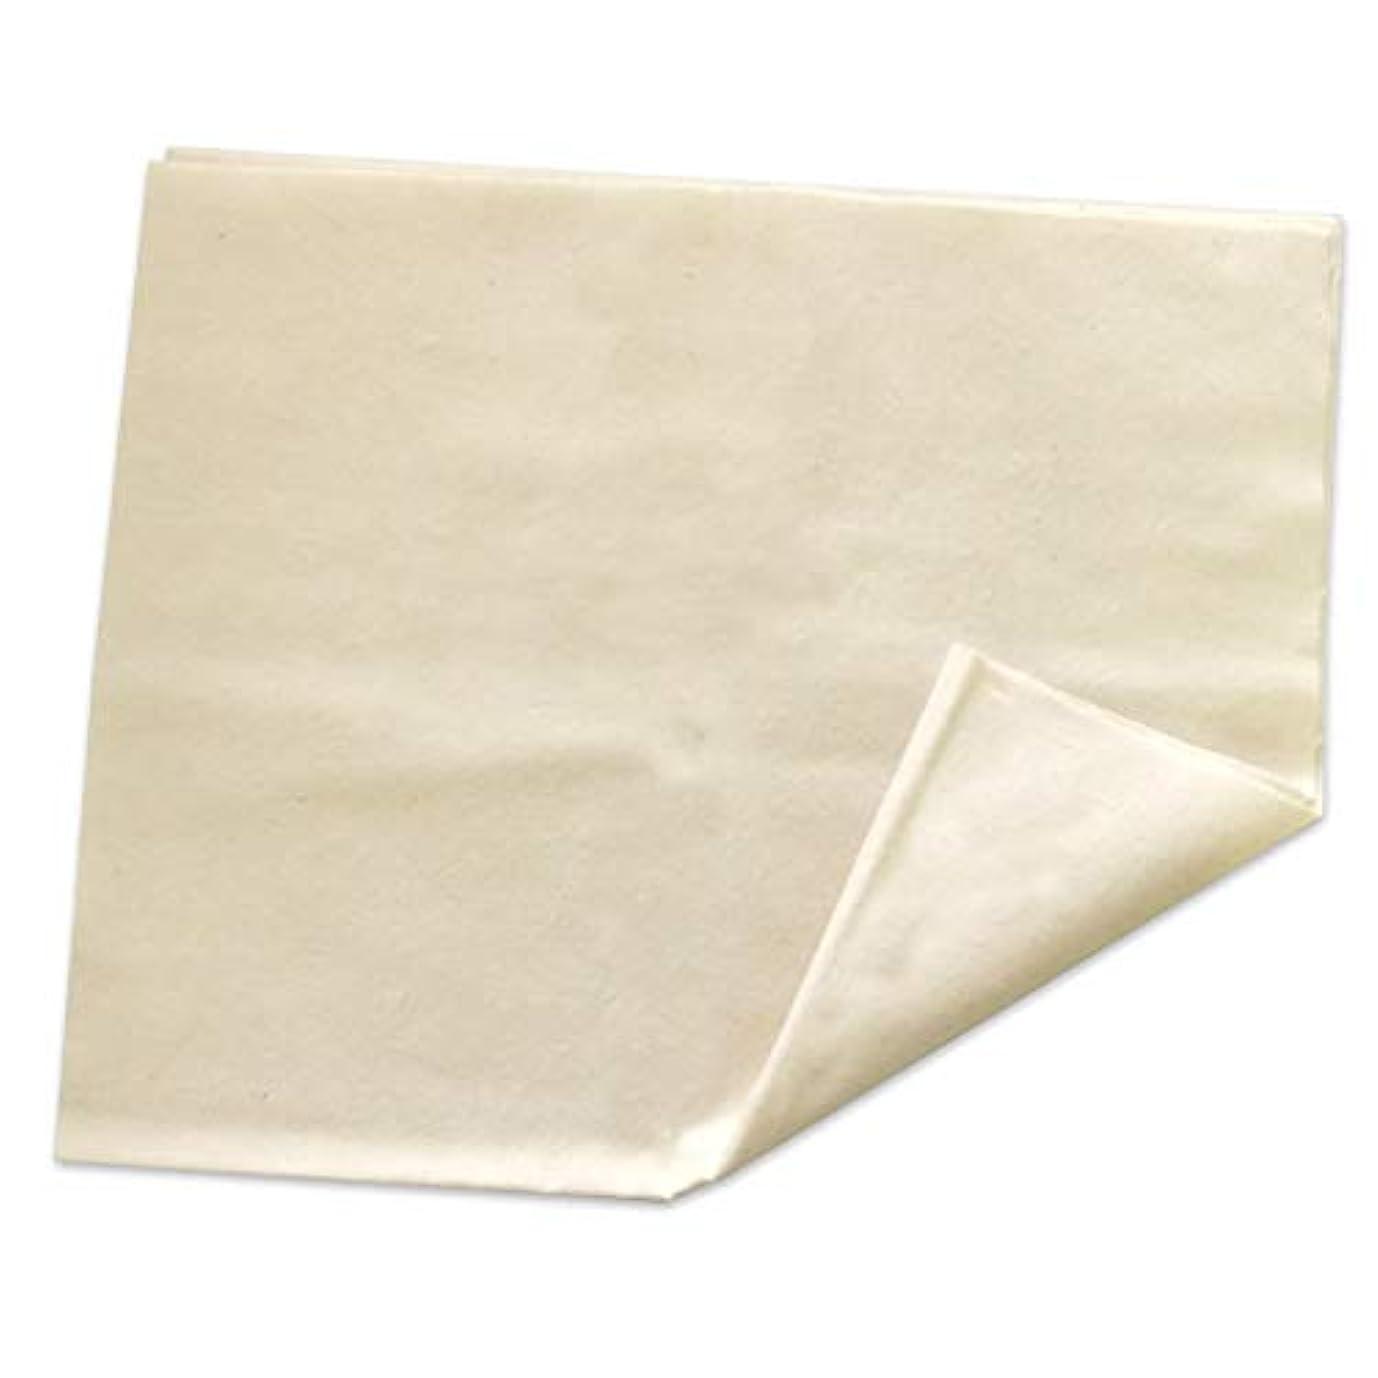 スローガン洋服ホラーコットンフランネル (コットンネル生地、綿100%、ヒマシ油パック、パック、ひまし油パック)